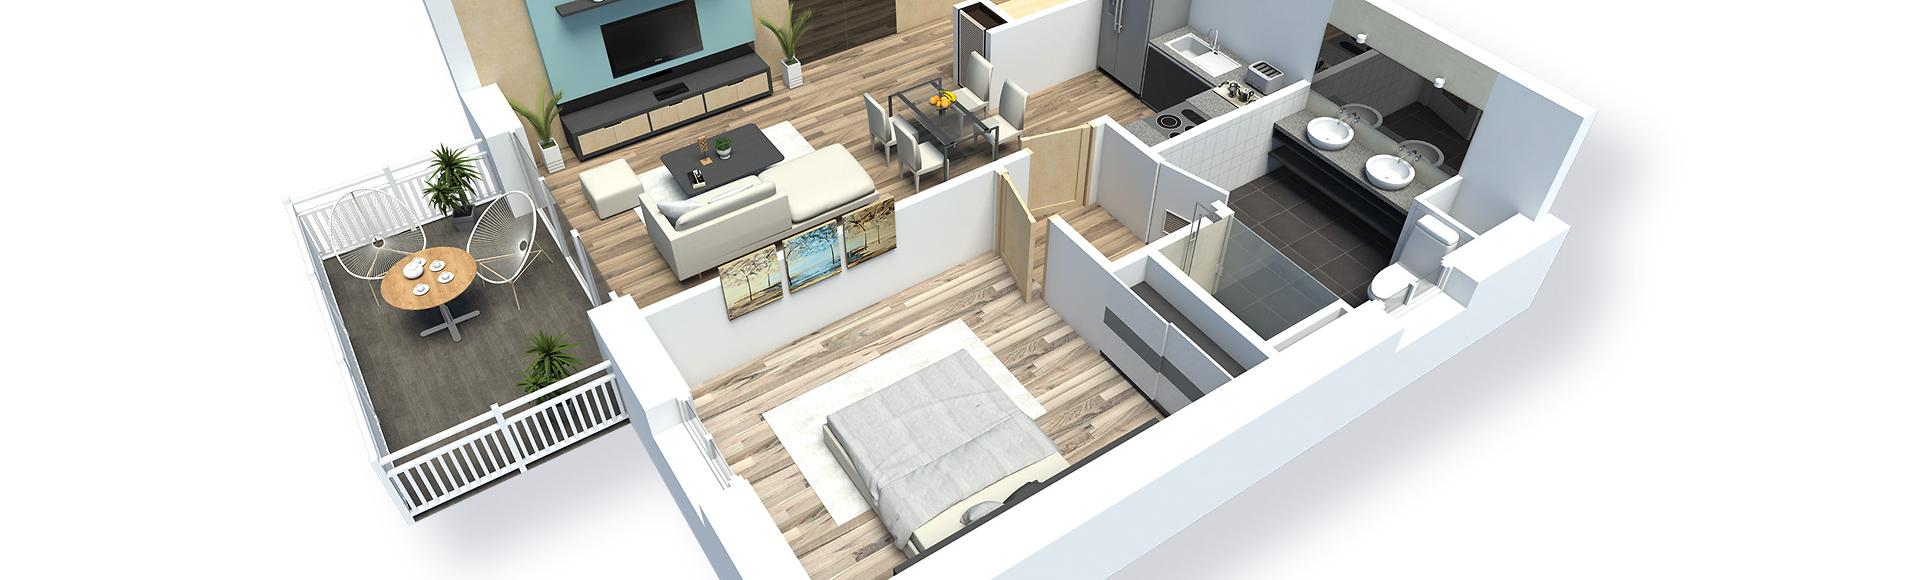 plan meublé appartement en 3d - saint-quay t2